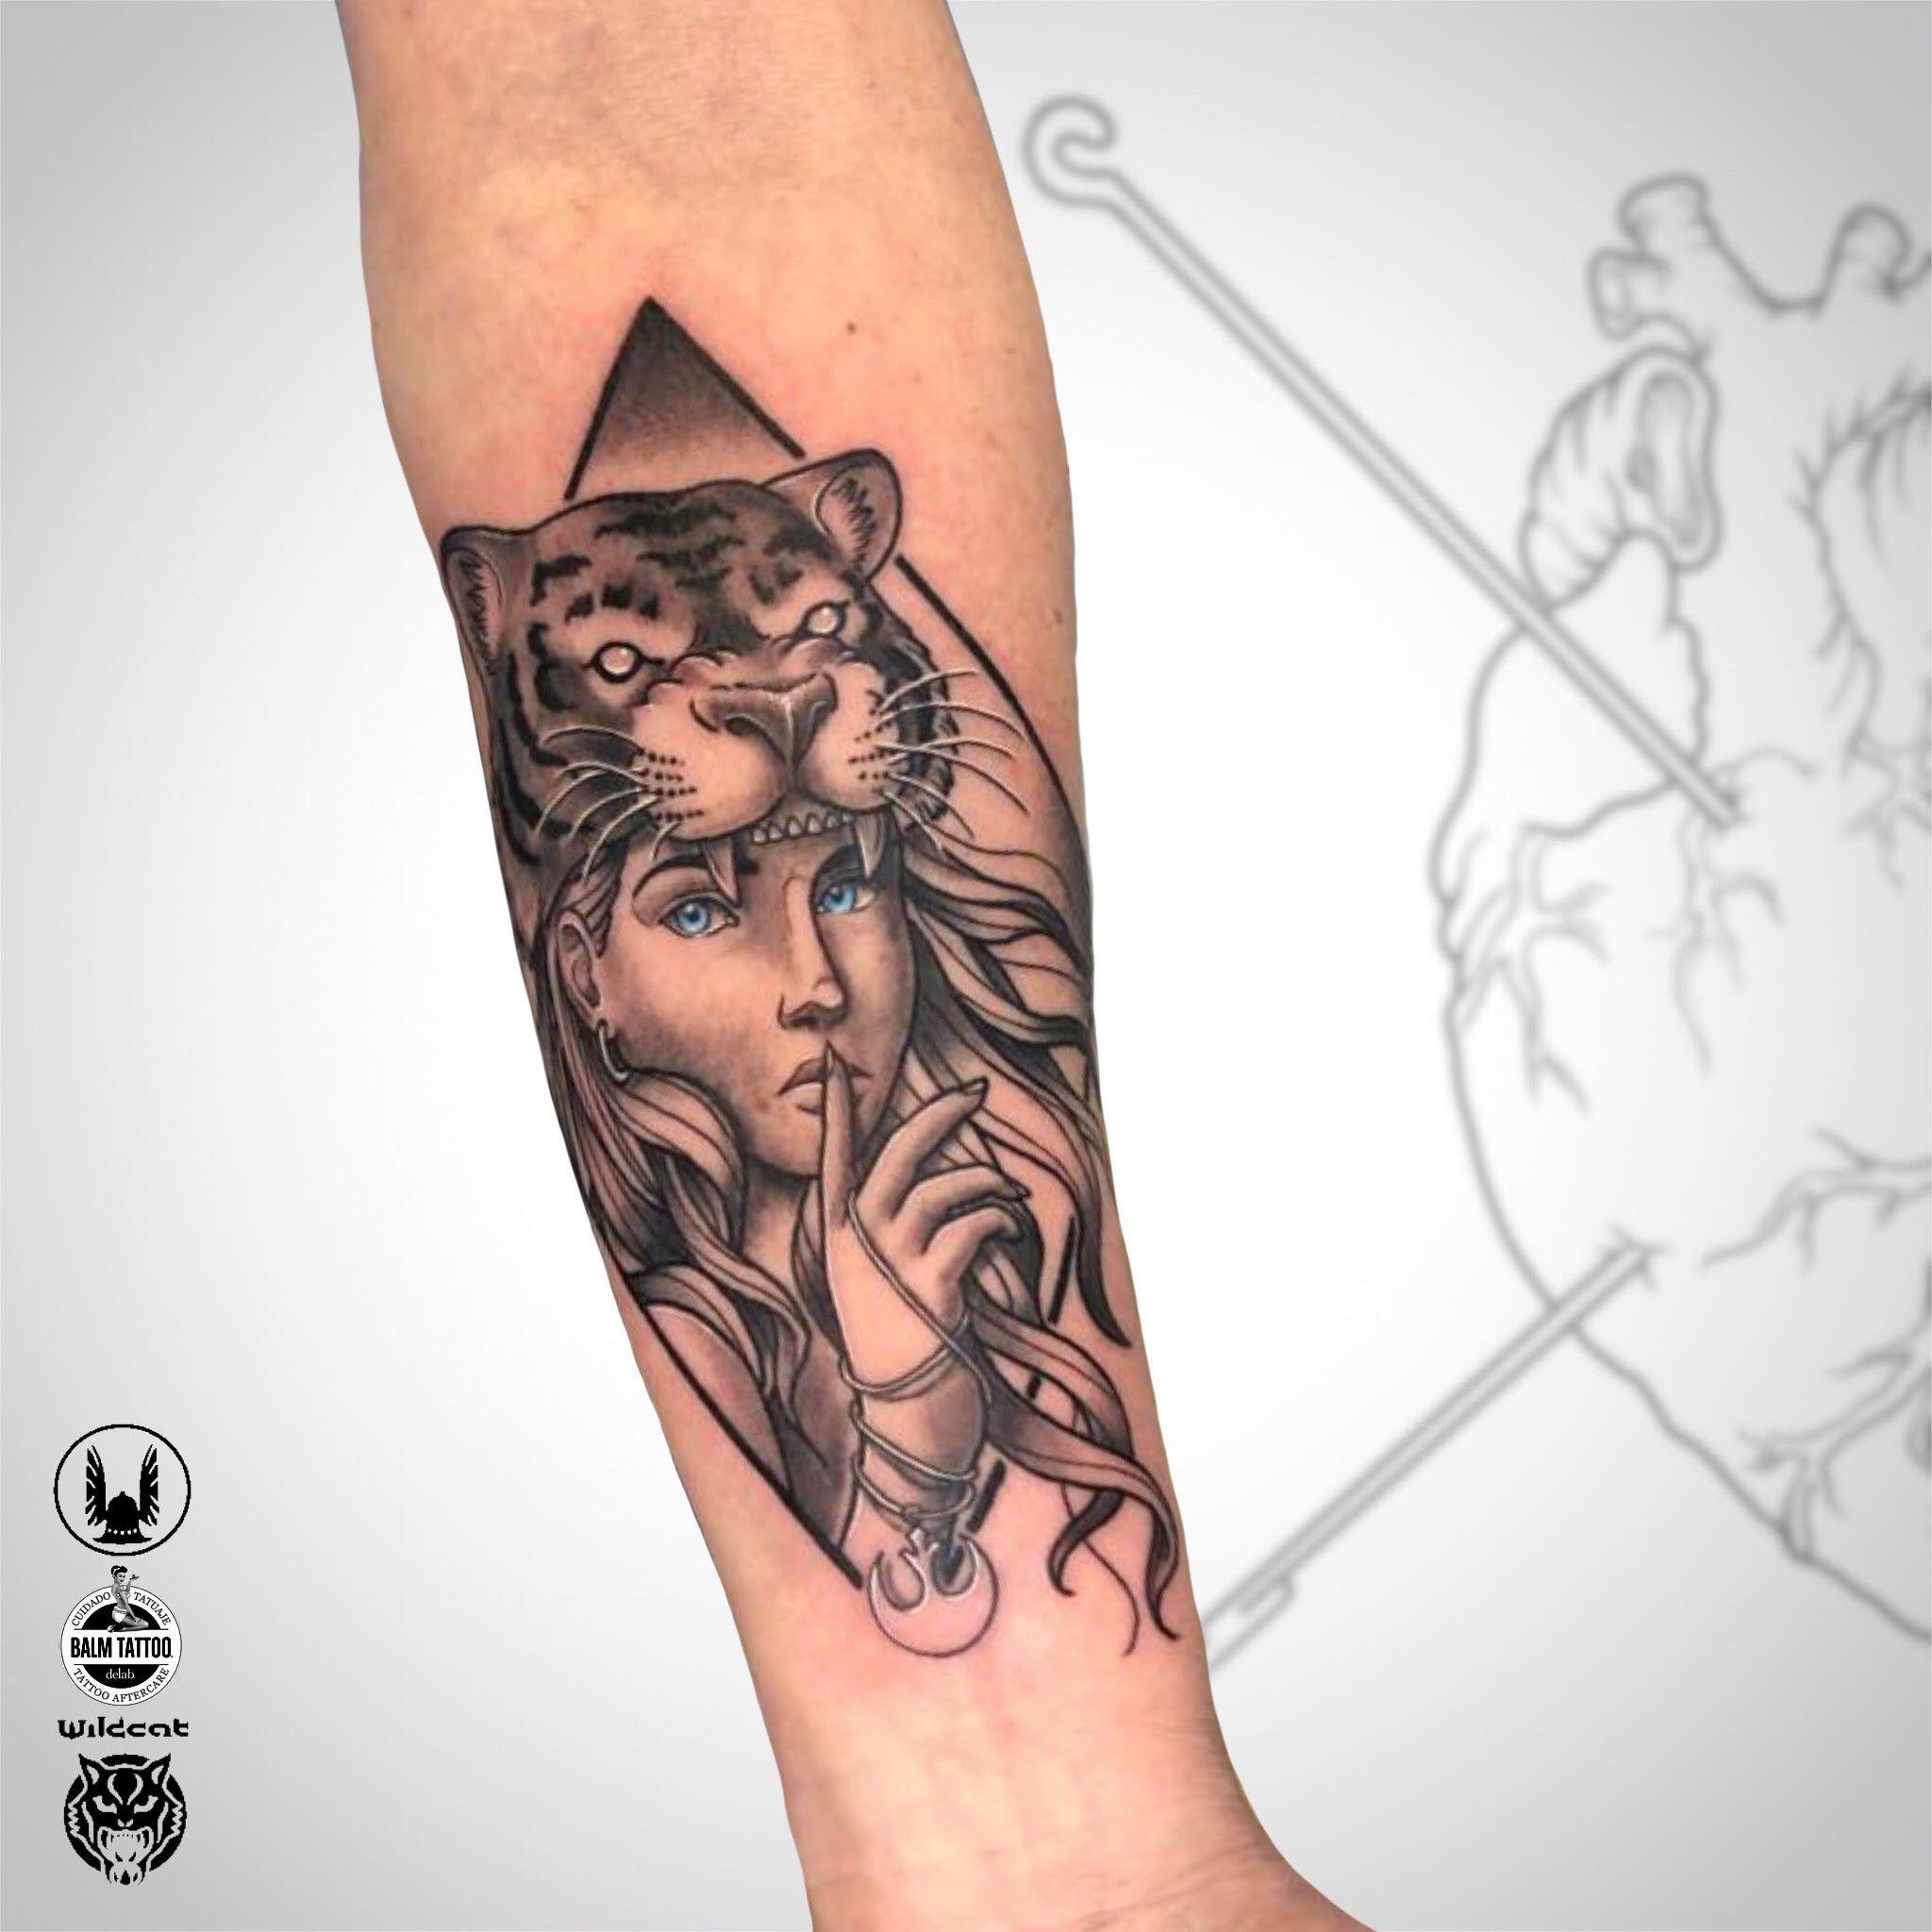 Estudio de tatuajes Santa Coloma de Gramenet